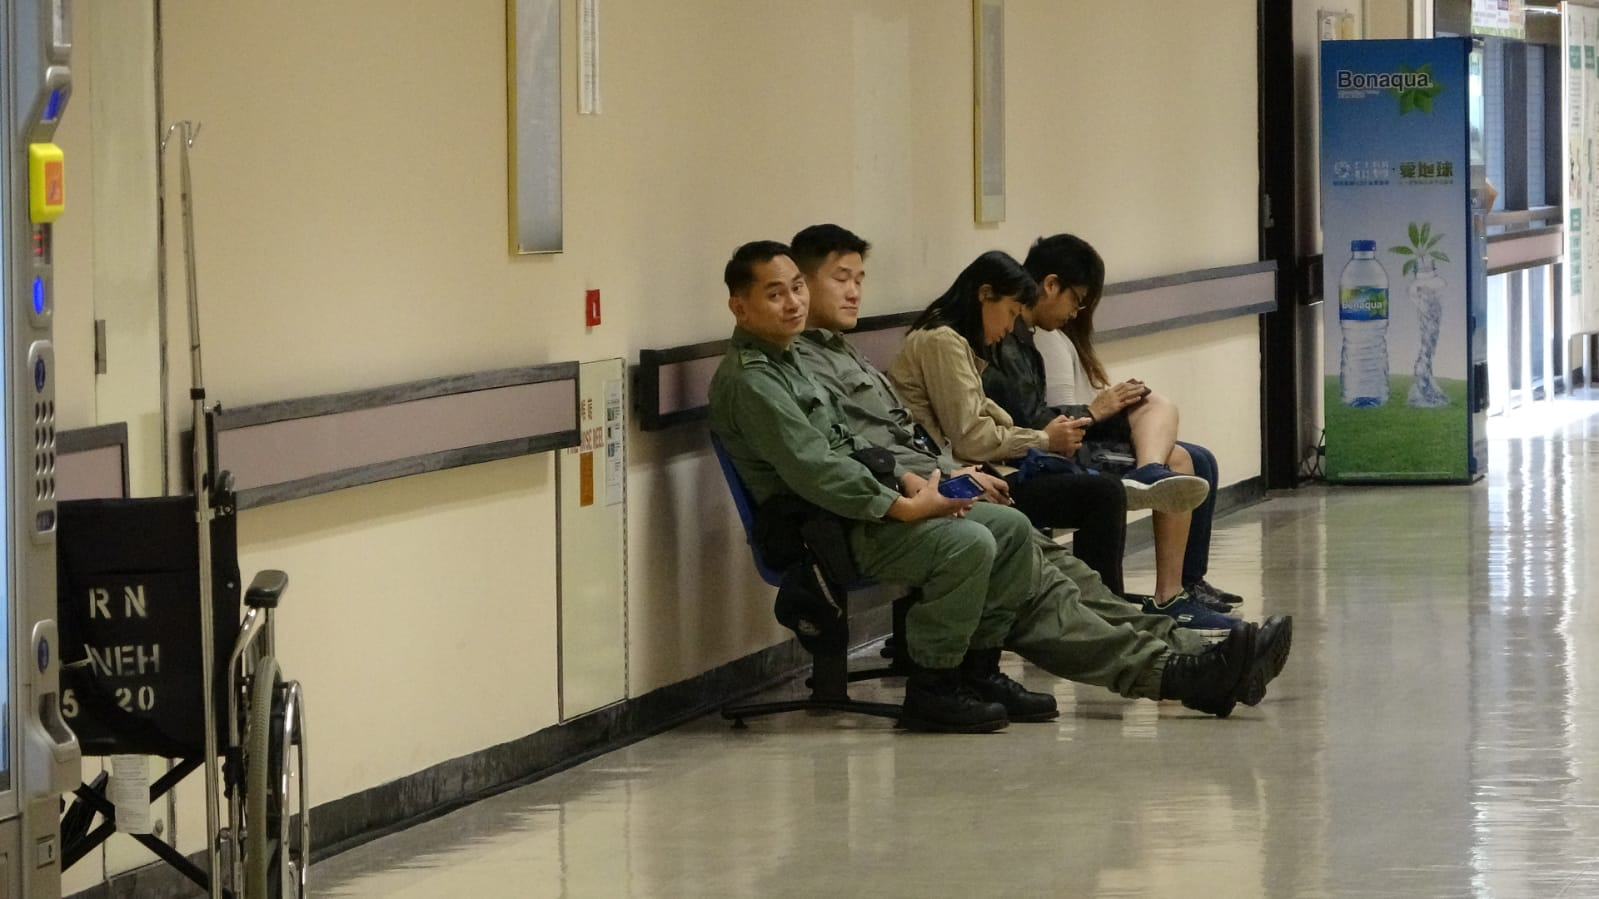 東區醫院ICU門外有2名警員把守。楊偉亨攝